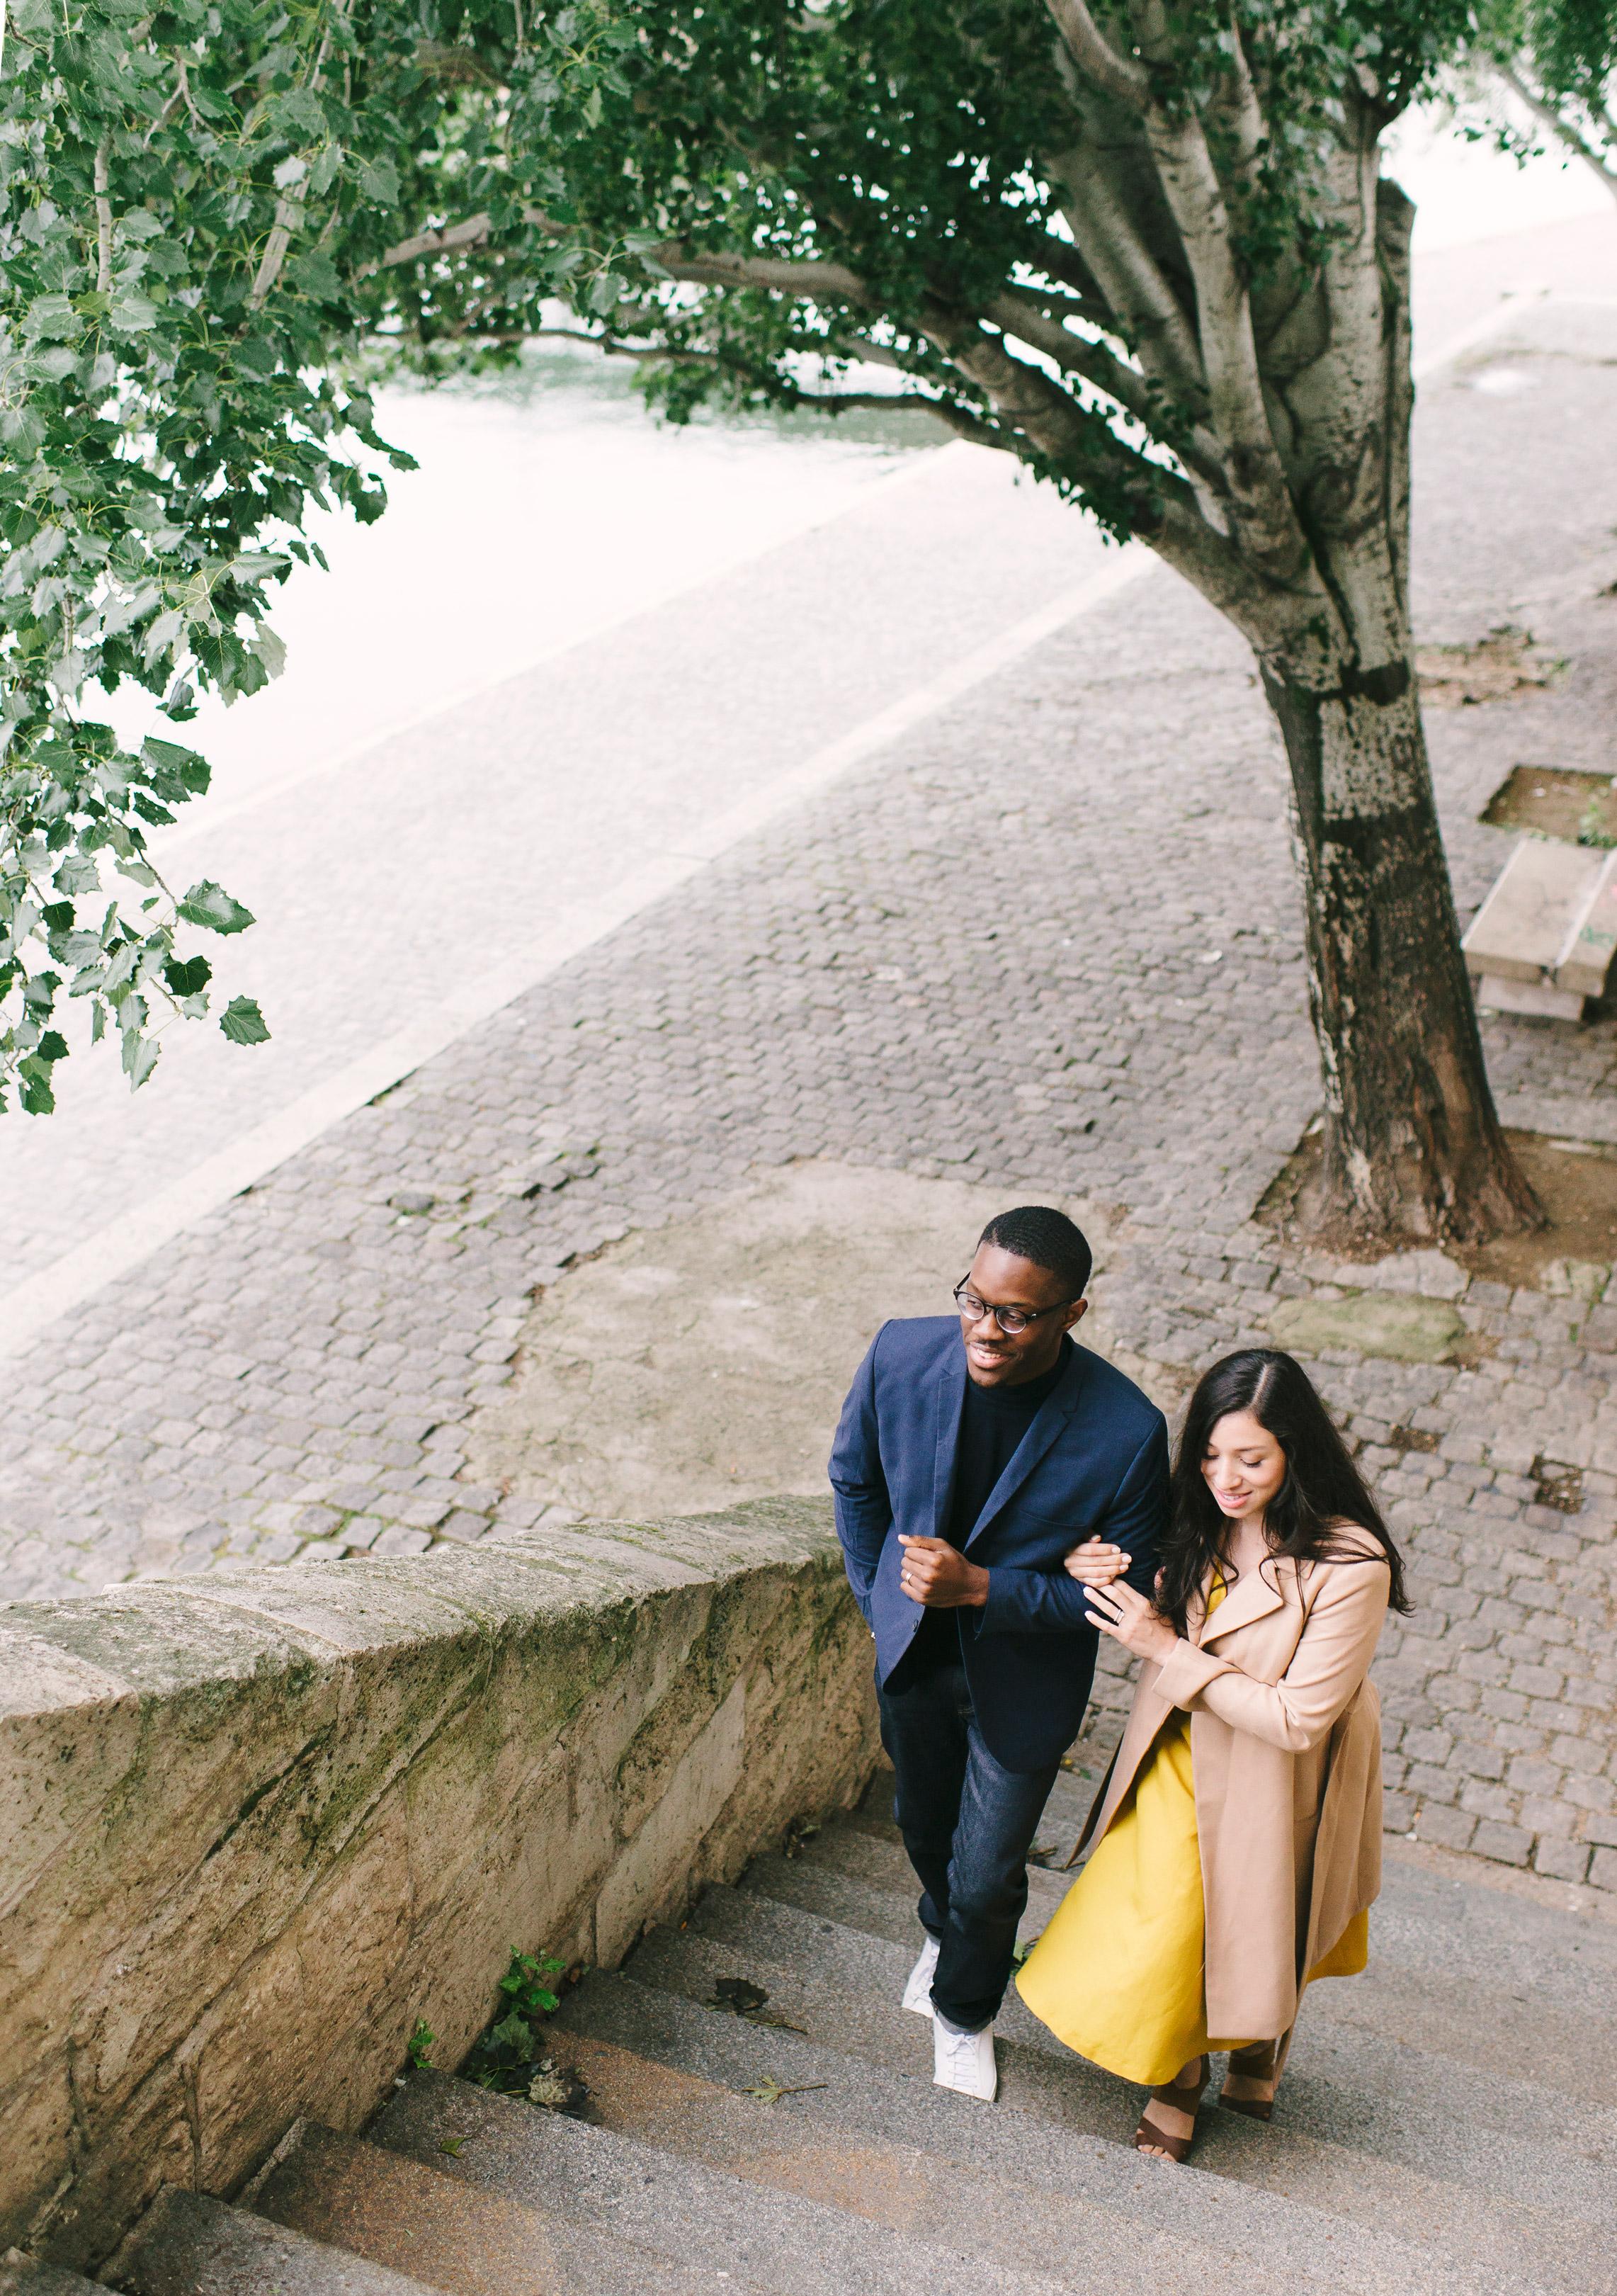 Couple-photoshoot-Paris-Pont-des-arts-Louvre-PalaisRoyale-013.jpg